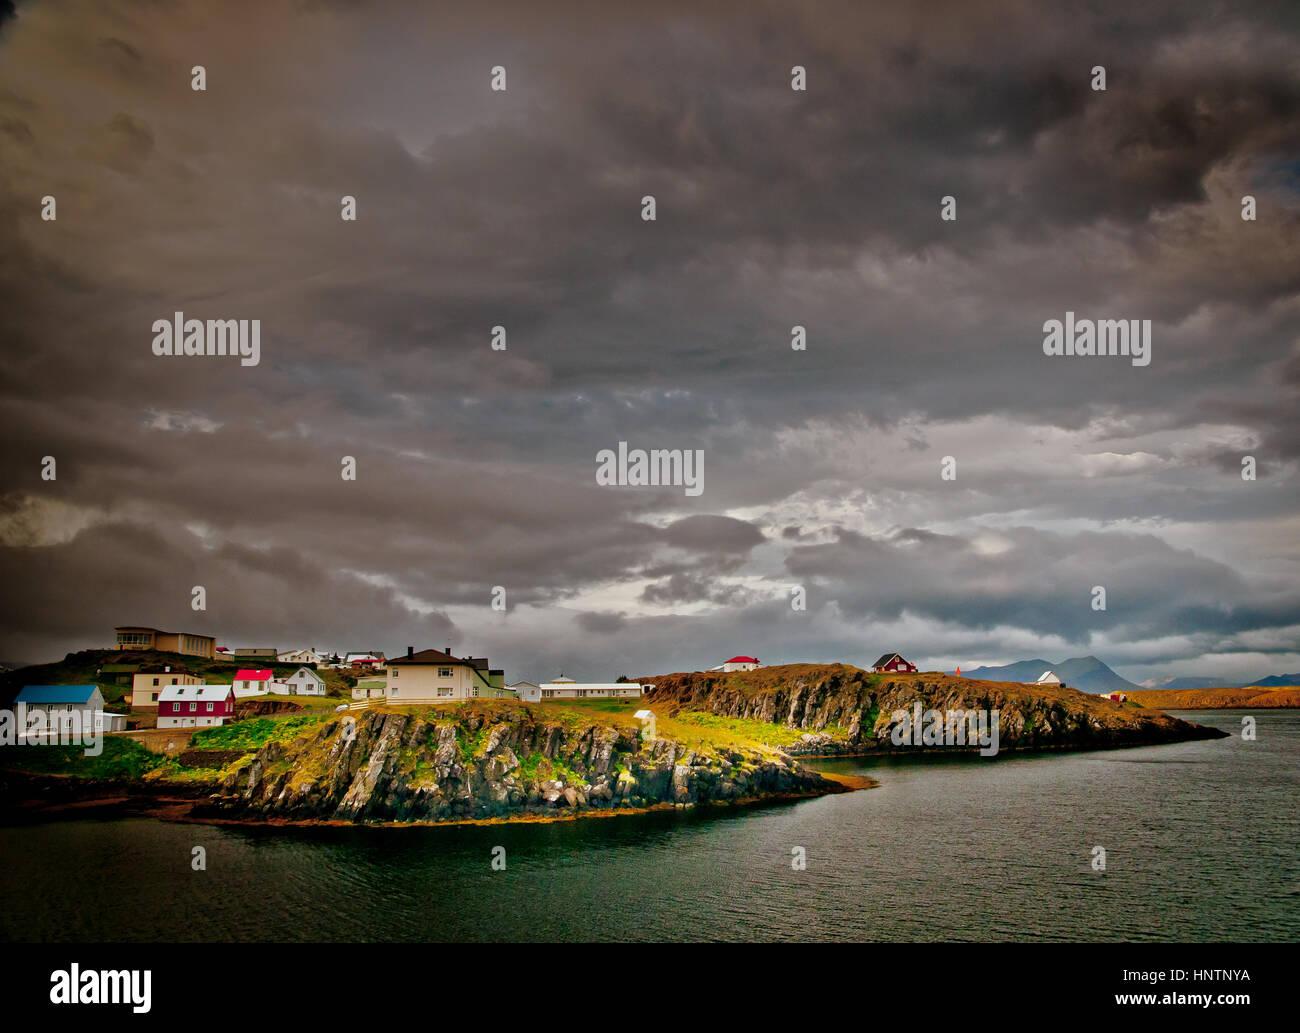 Natural Iceland landscapes - Stock Image